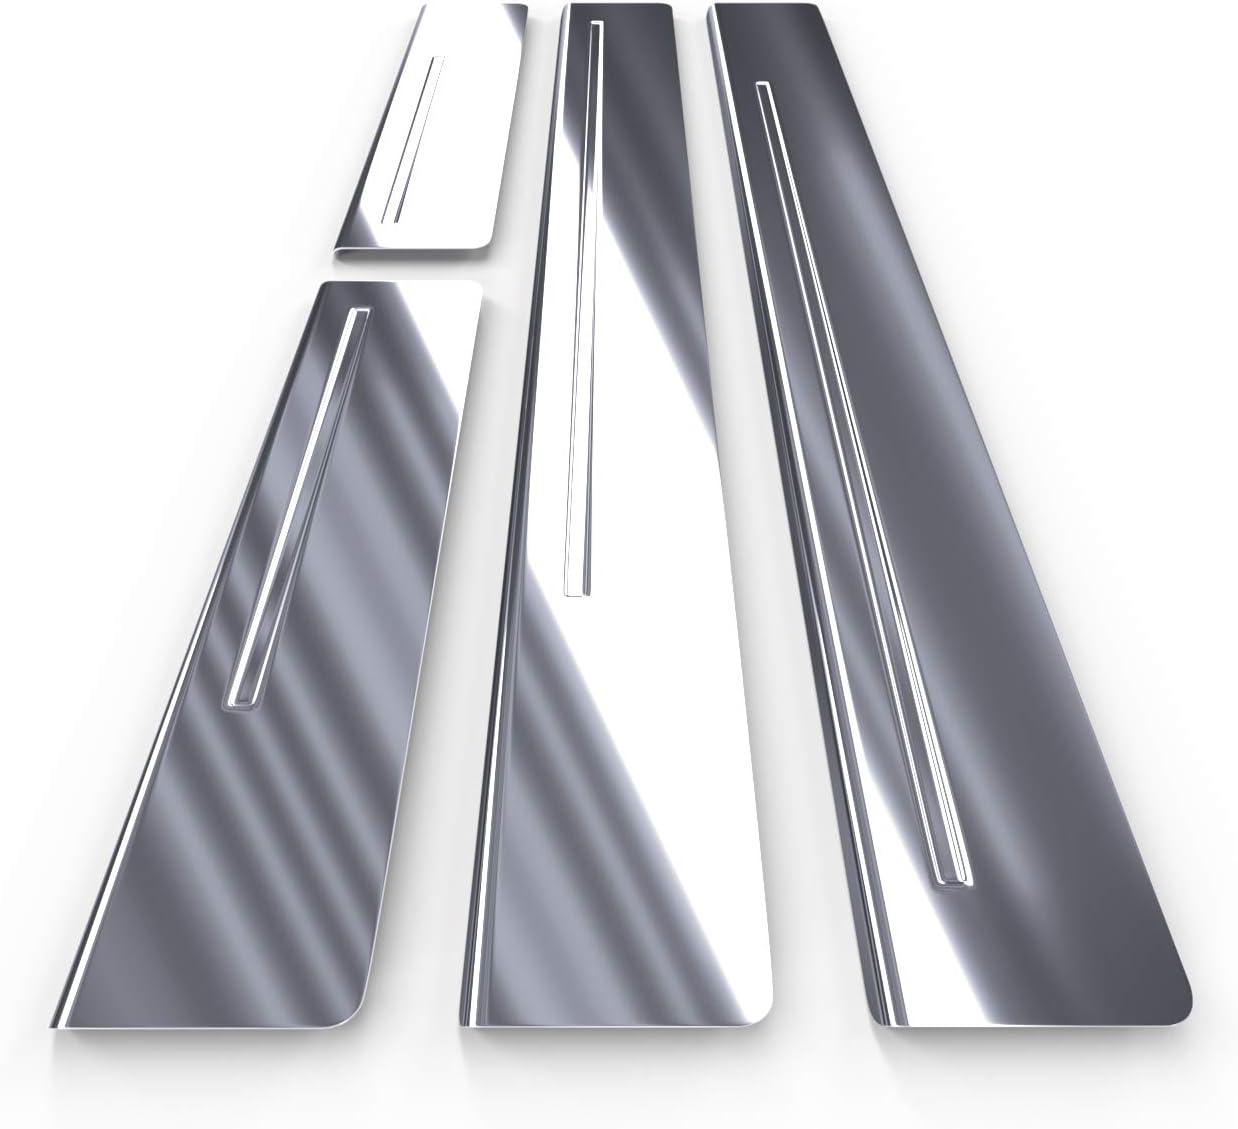 silber 4-teilig Glanz Auto Einstiegsleisten Set Edelstahl 5902538677370